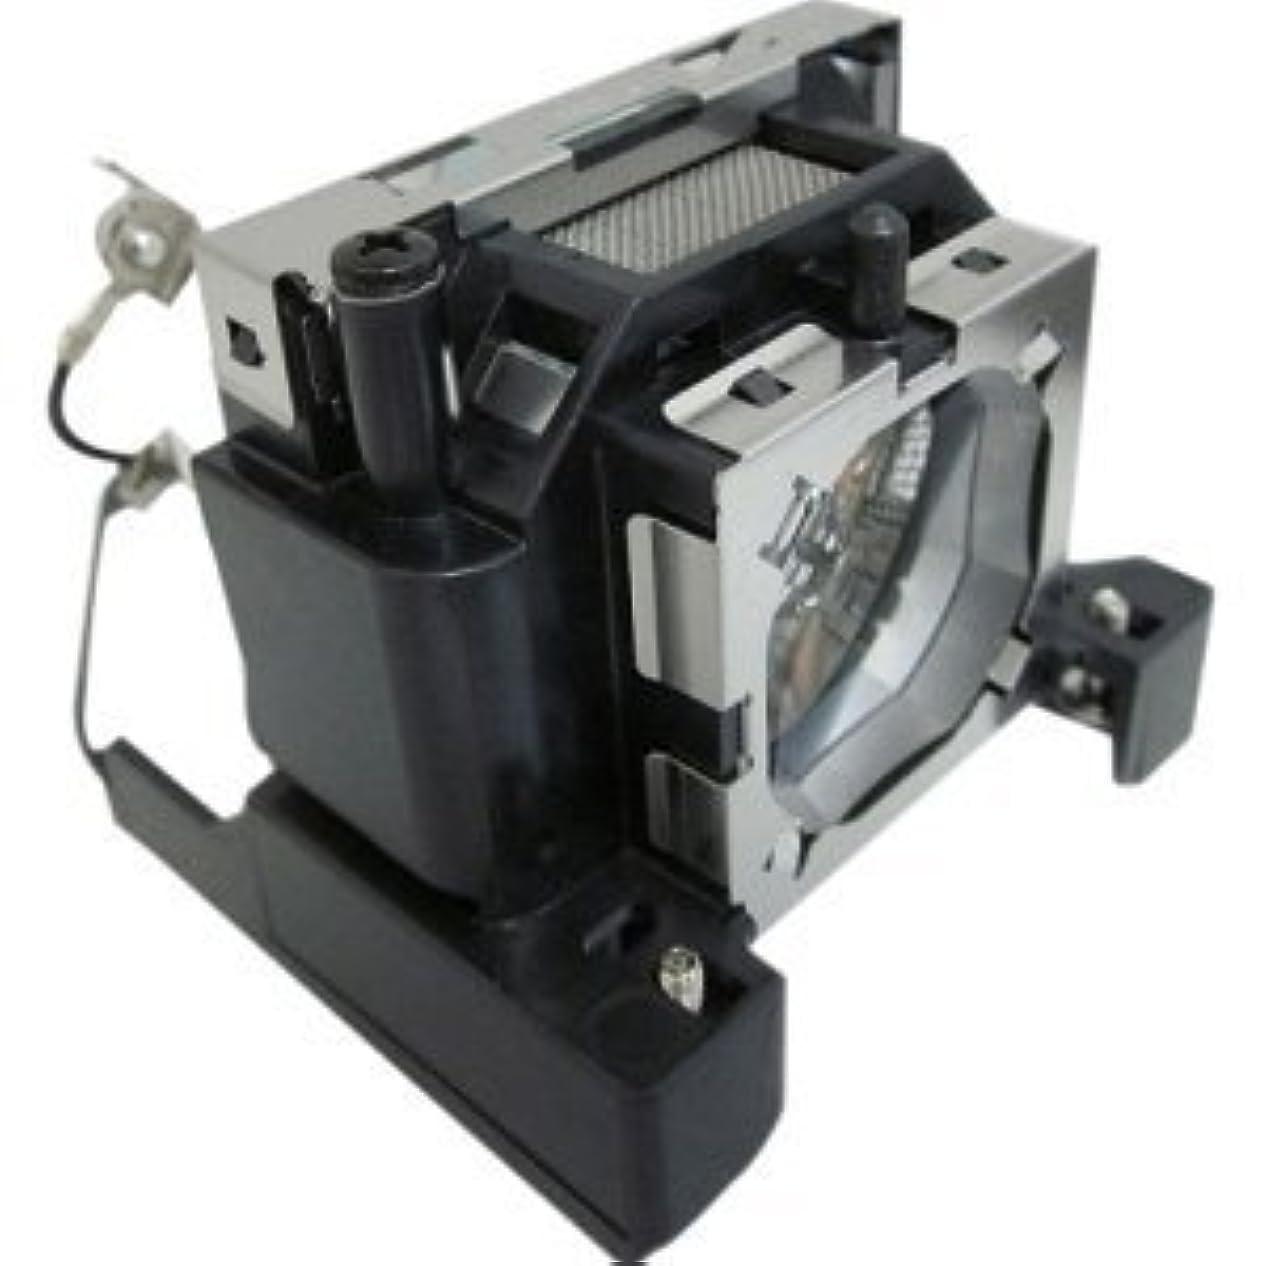 残高真向こう累計Arclyte Projector Lamp for PL03003 [並行輸入品]